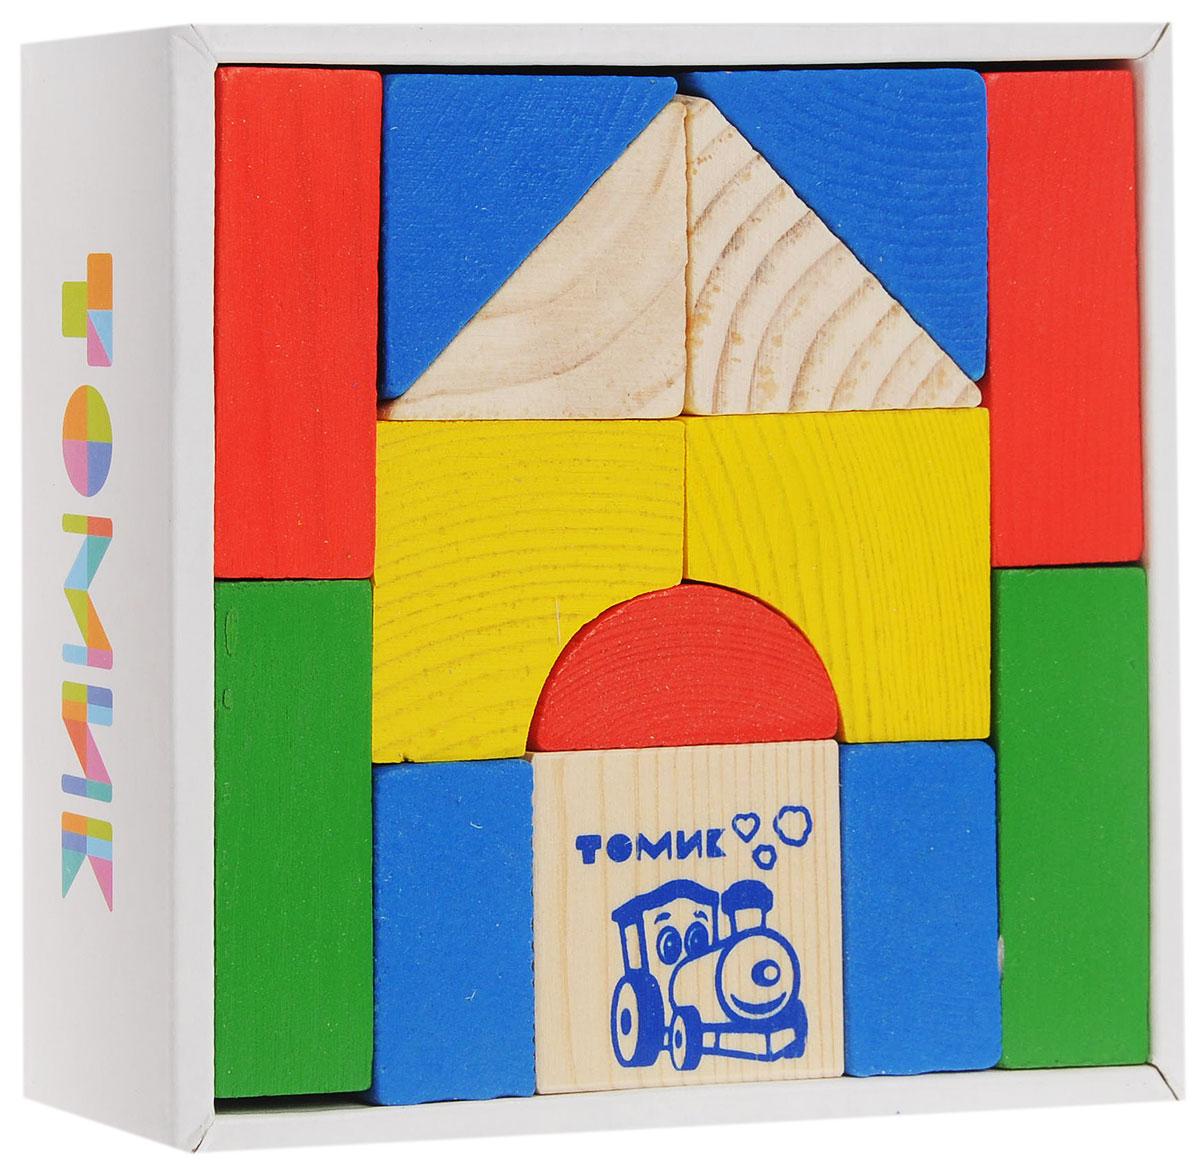 Томик Конструктор Цветной томик томик конструктор цветной 14 деталей